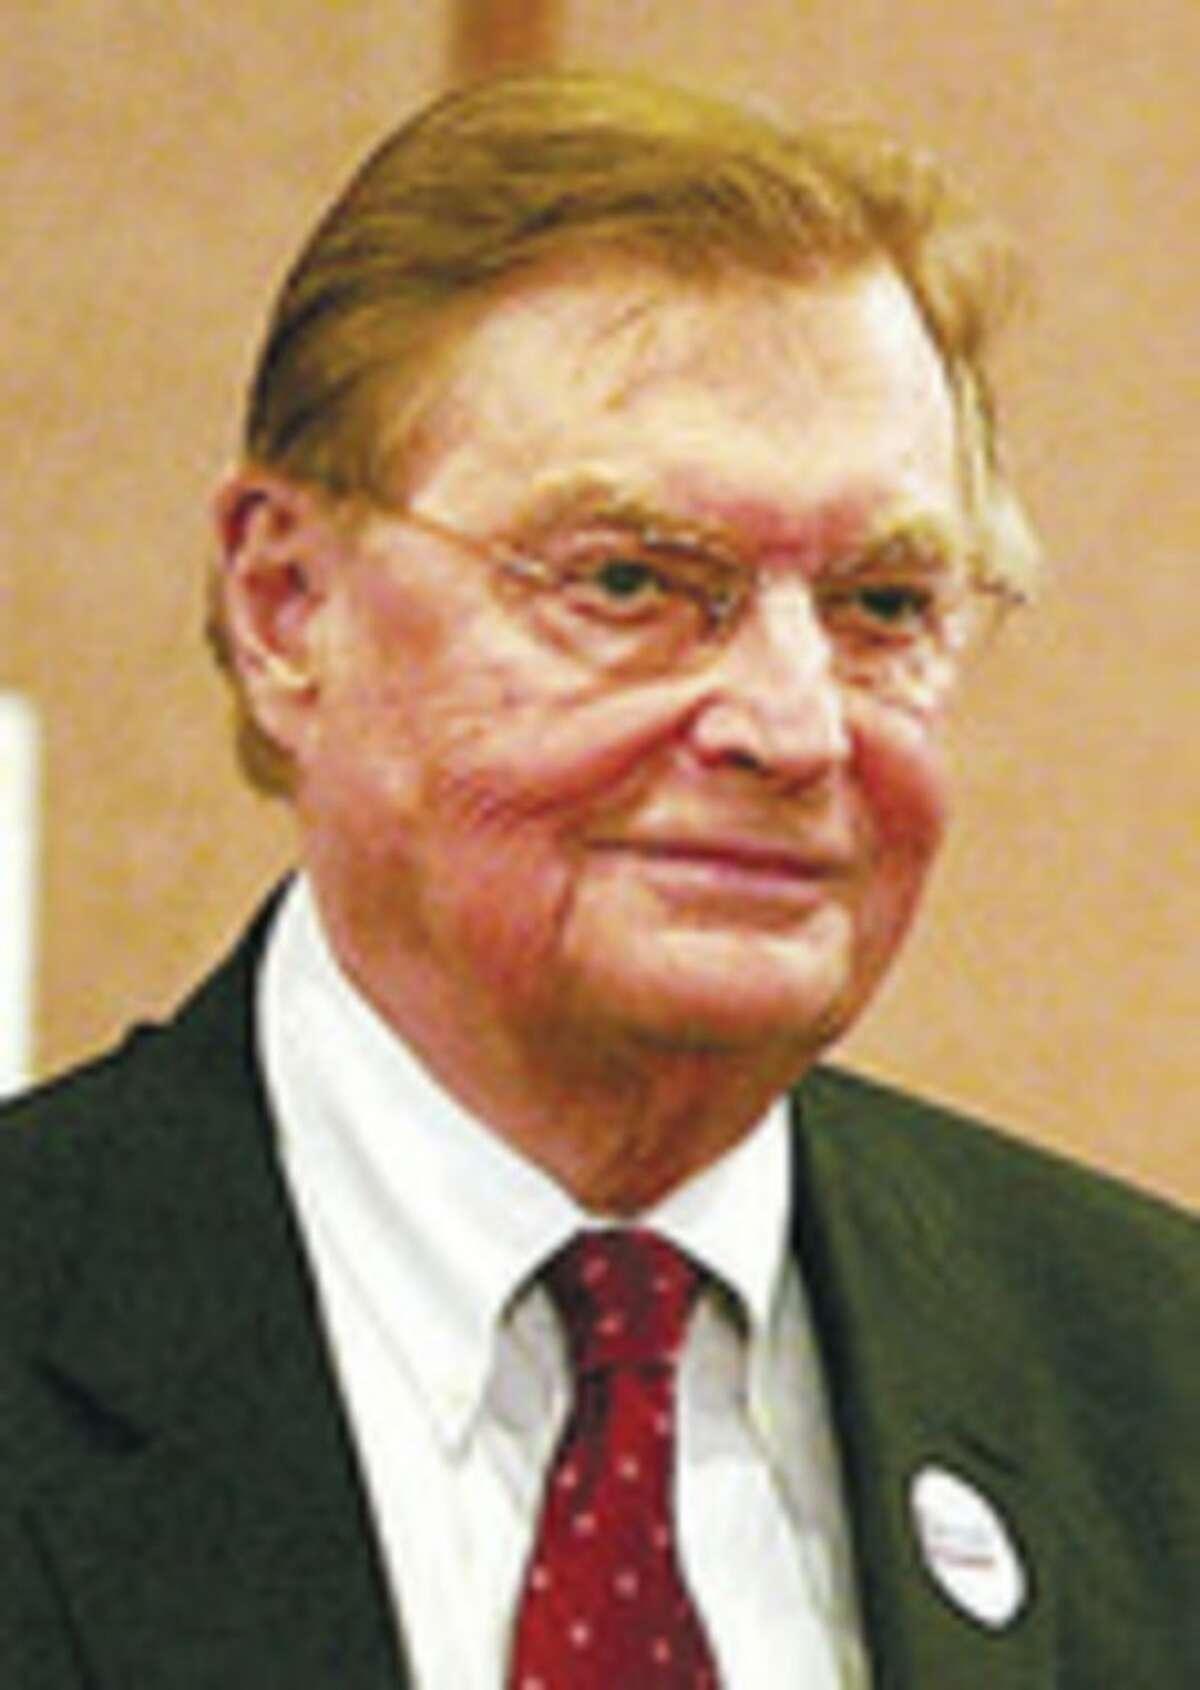 Walter Briggs the Democratic nominee for Mayor of Norwalk. Hour photo / BEN GANCSOS